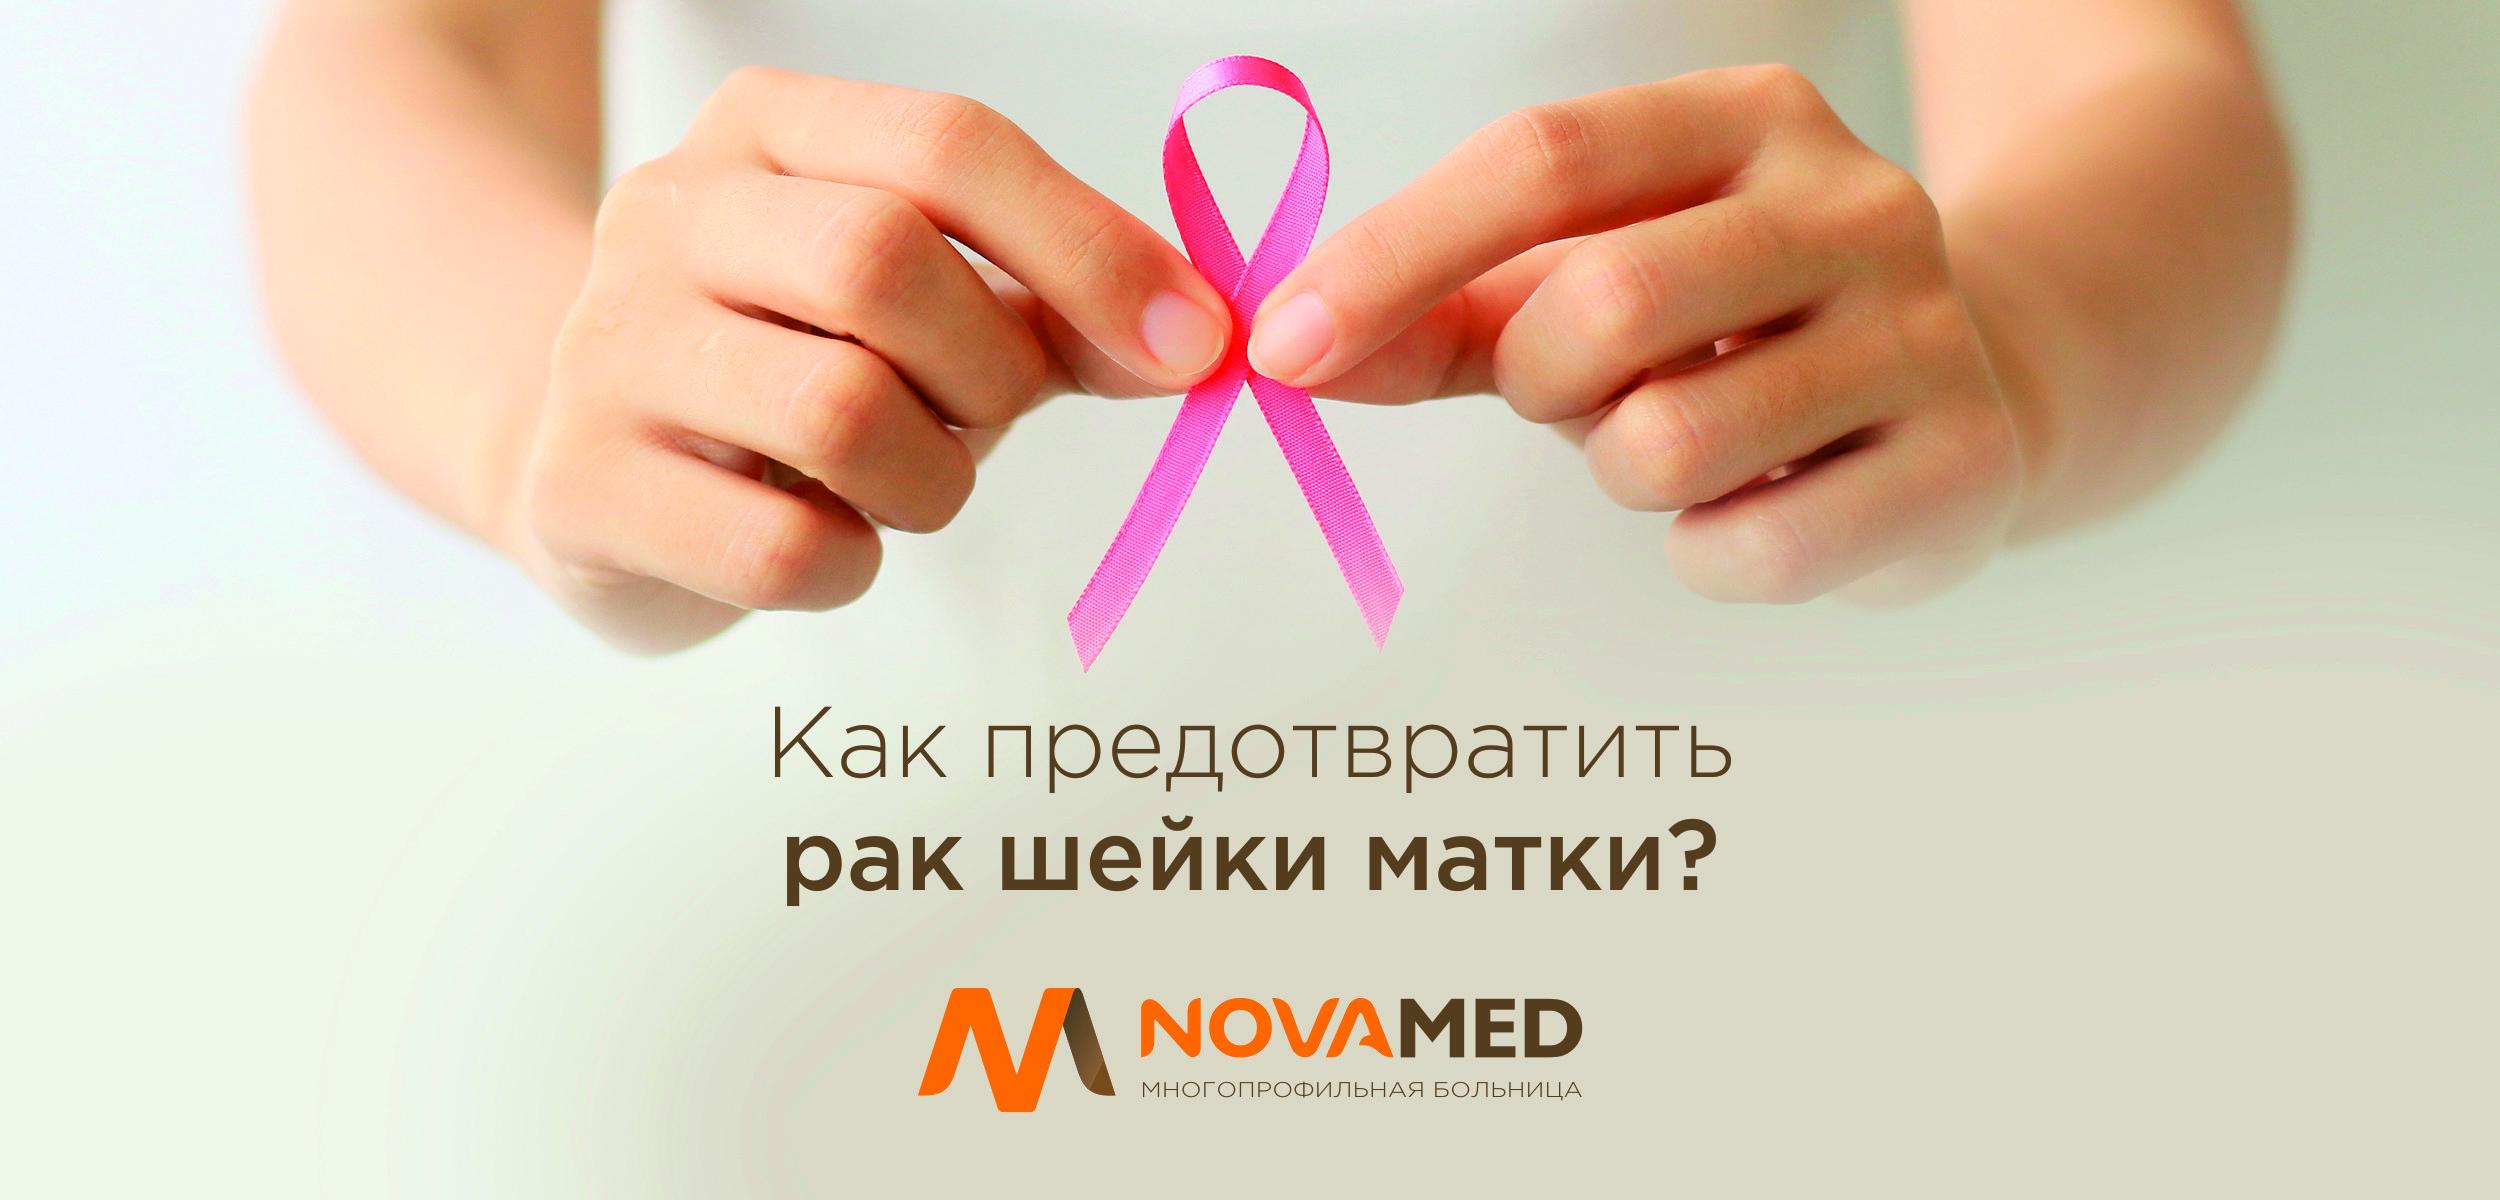 Nova Med Трипак Ирина как предотвратить рак шейки матки